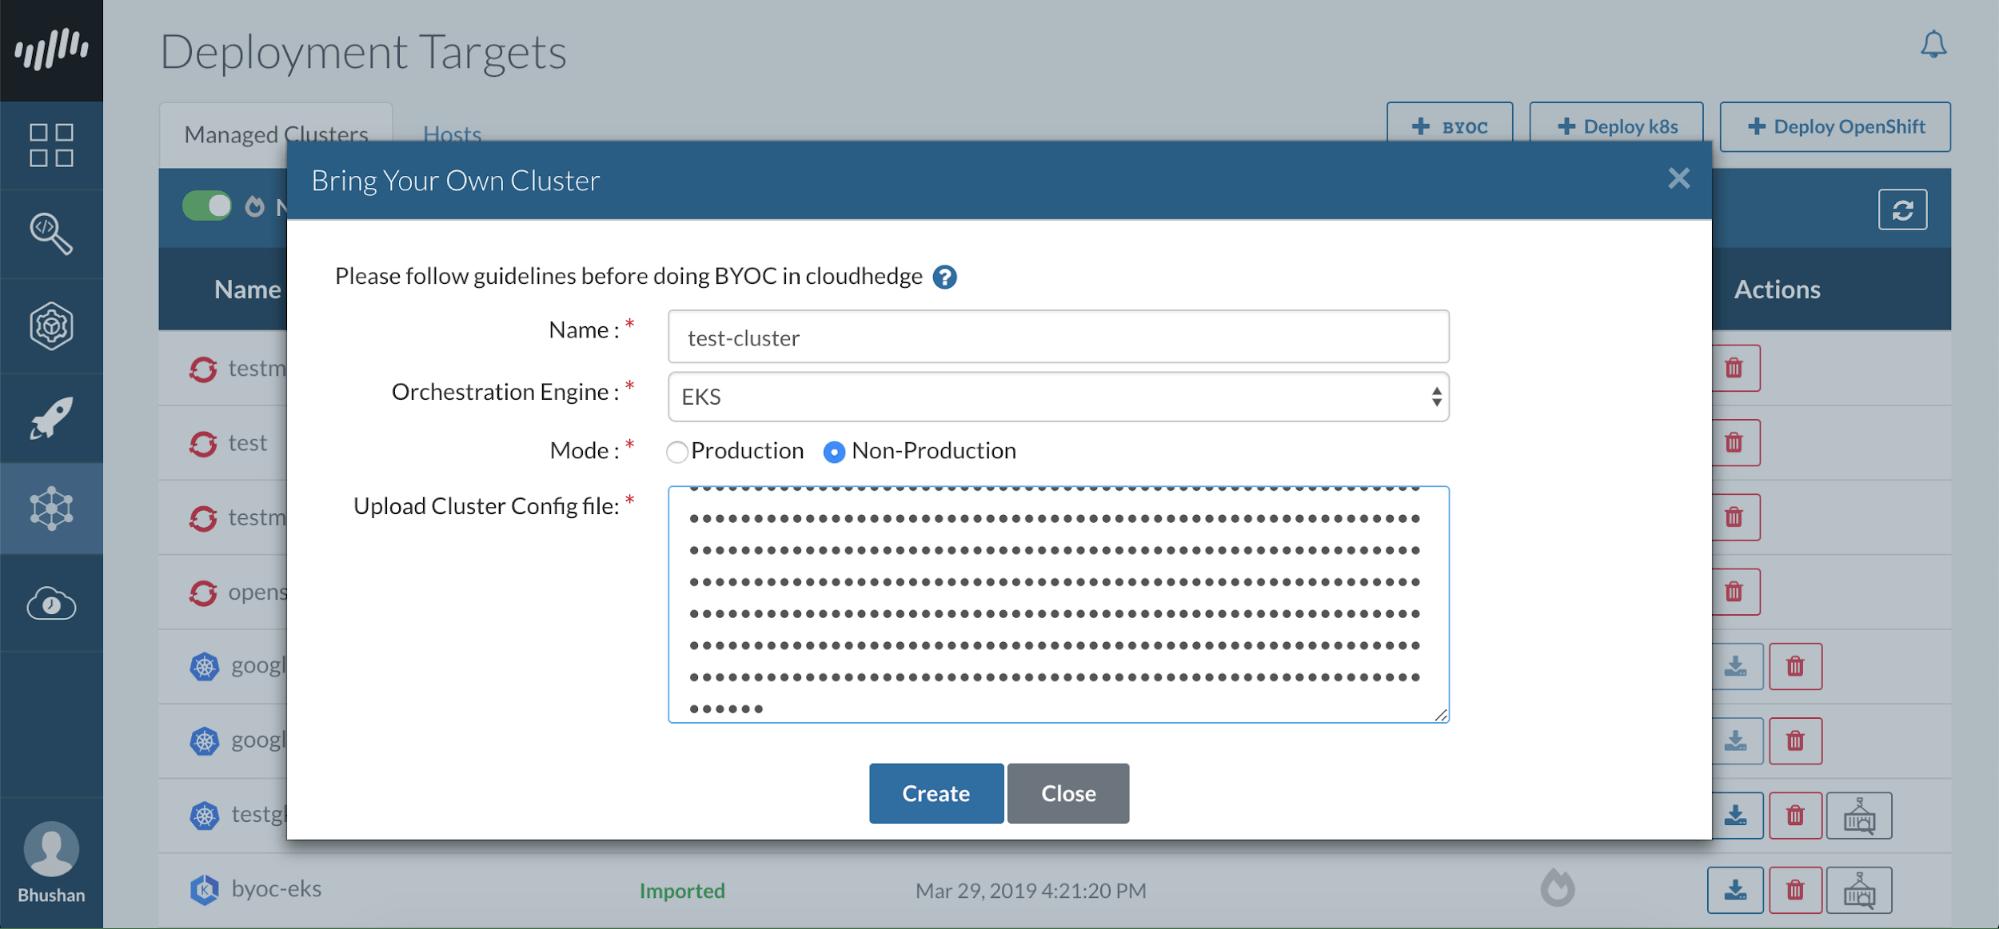 Cluster Details CloudHedge